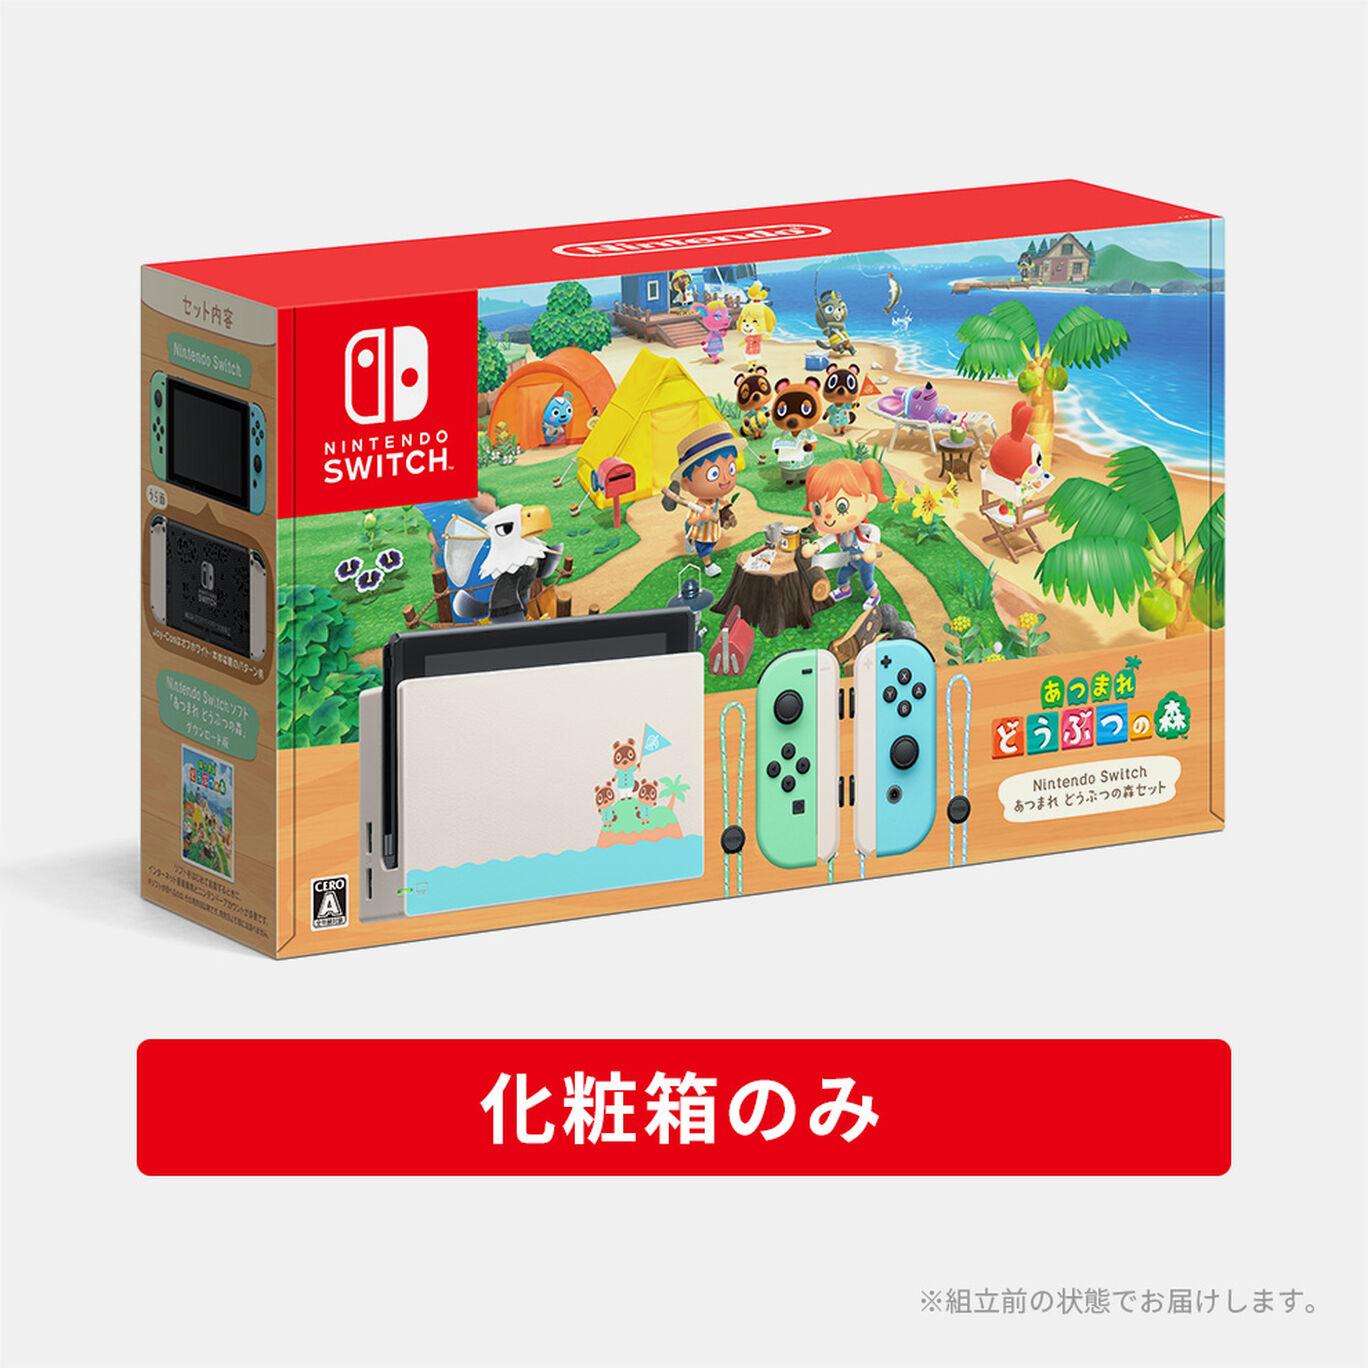 Nintendo Switch あつまれ どうぶつの森セット 化粧箱